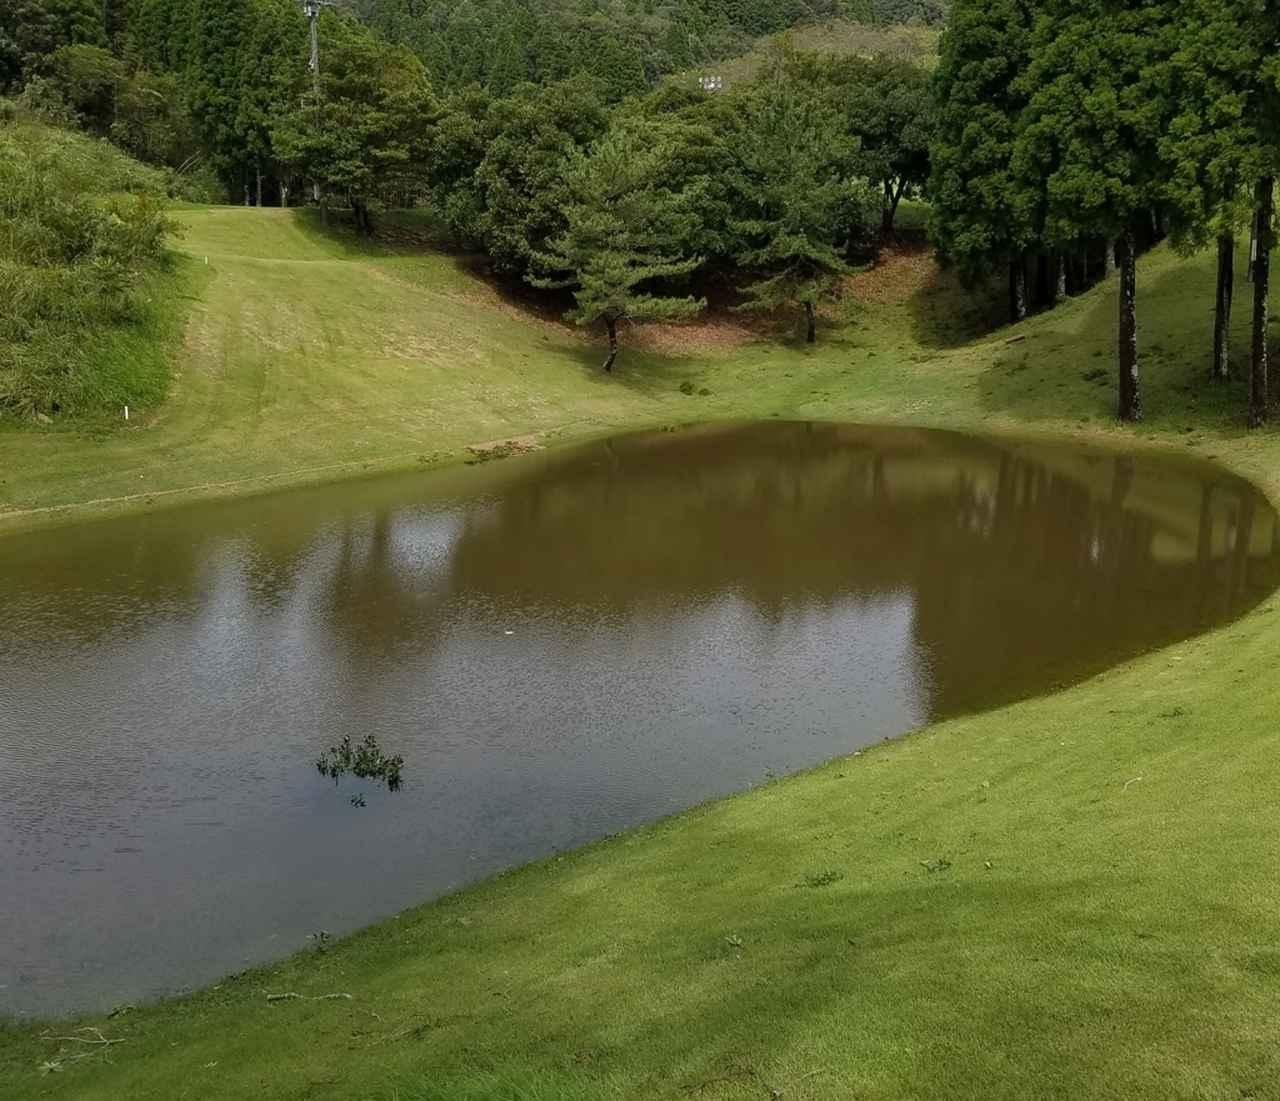 """画像: コースの池が茶色く変色しているのではない。もともとラフだった場所に、未明の台風による豪雨できた巨大な""""水たまり""""。今回の台風がいかに強烈だったかが想像できる"""